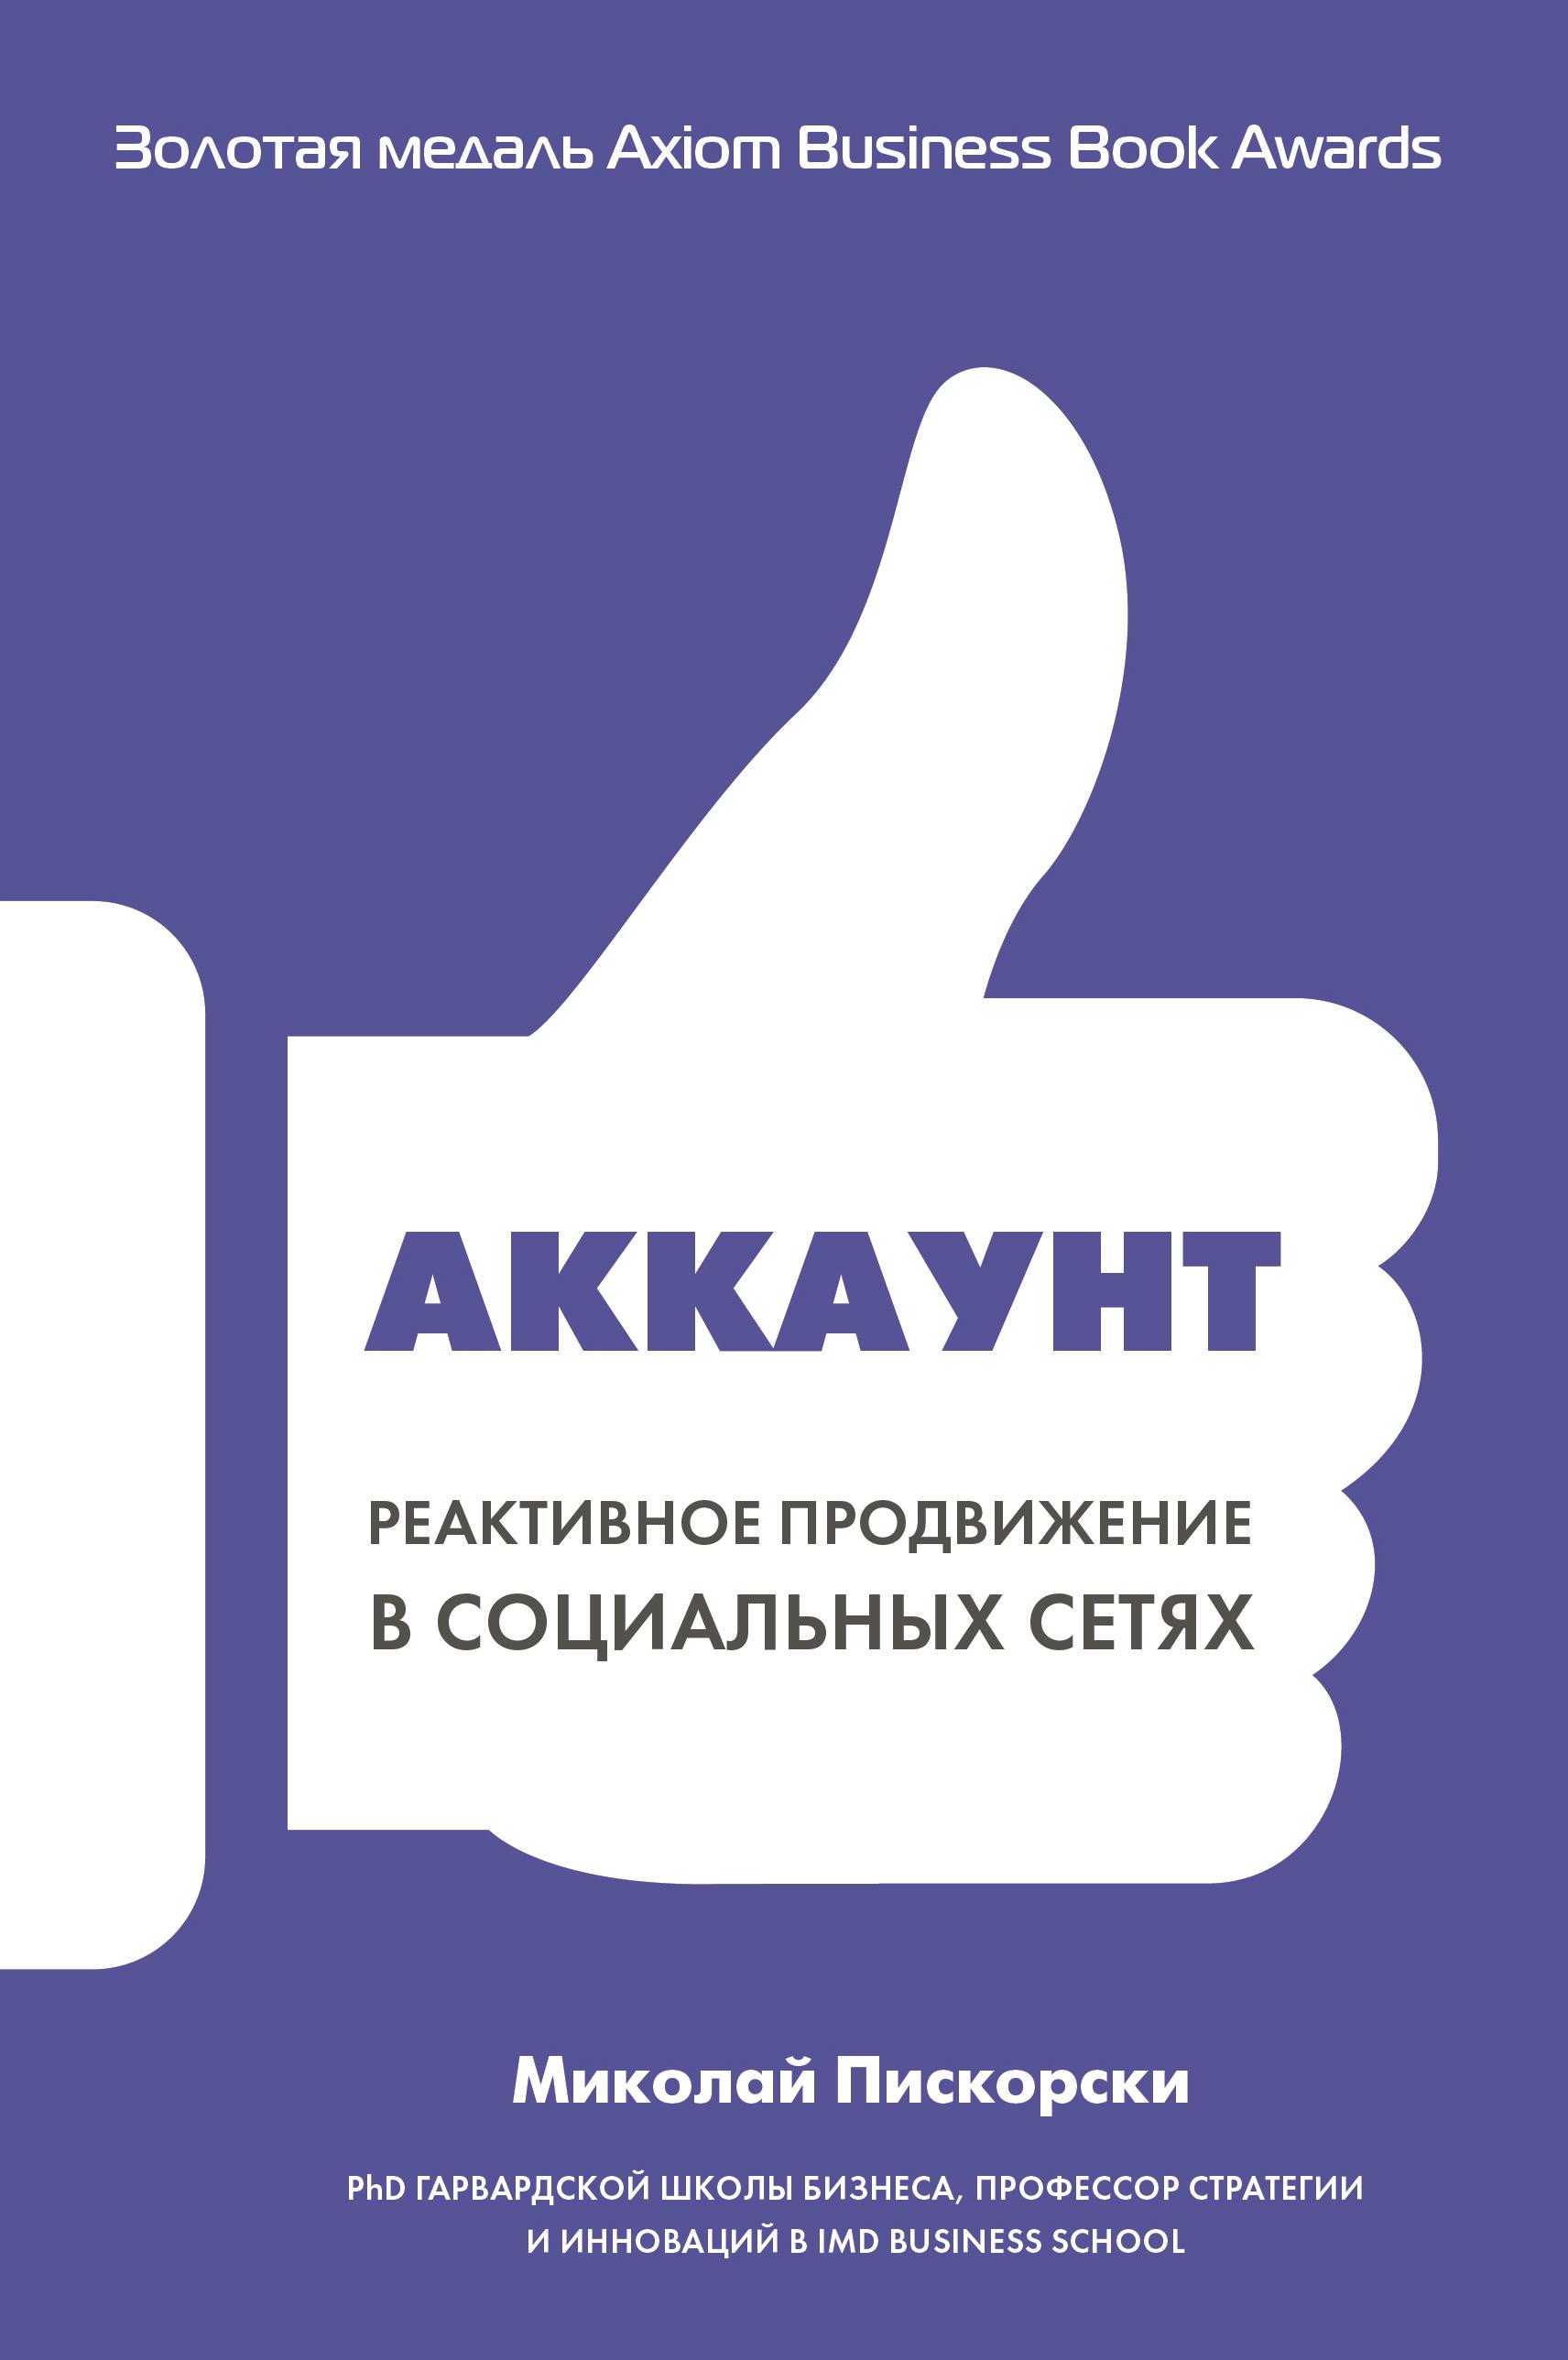 Миколай Пискорски Аккаунт. Реактивное продвижение в социальных сетях екатерина лебедева подписчики изсоциальных сетей